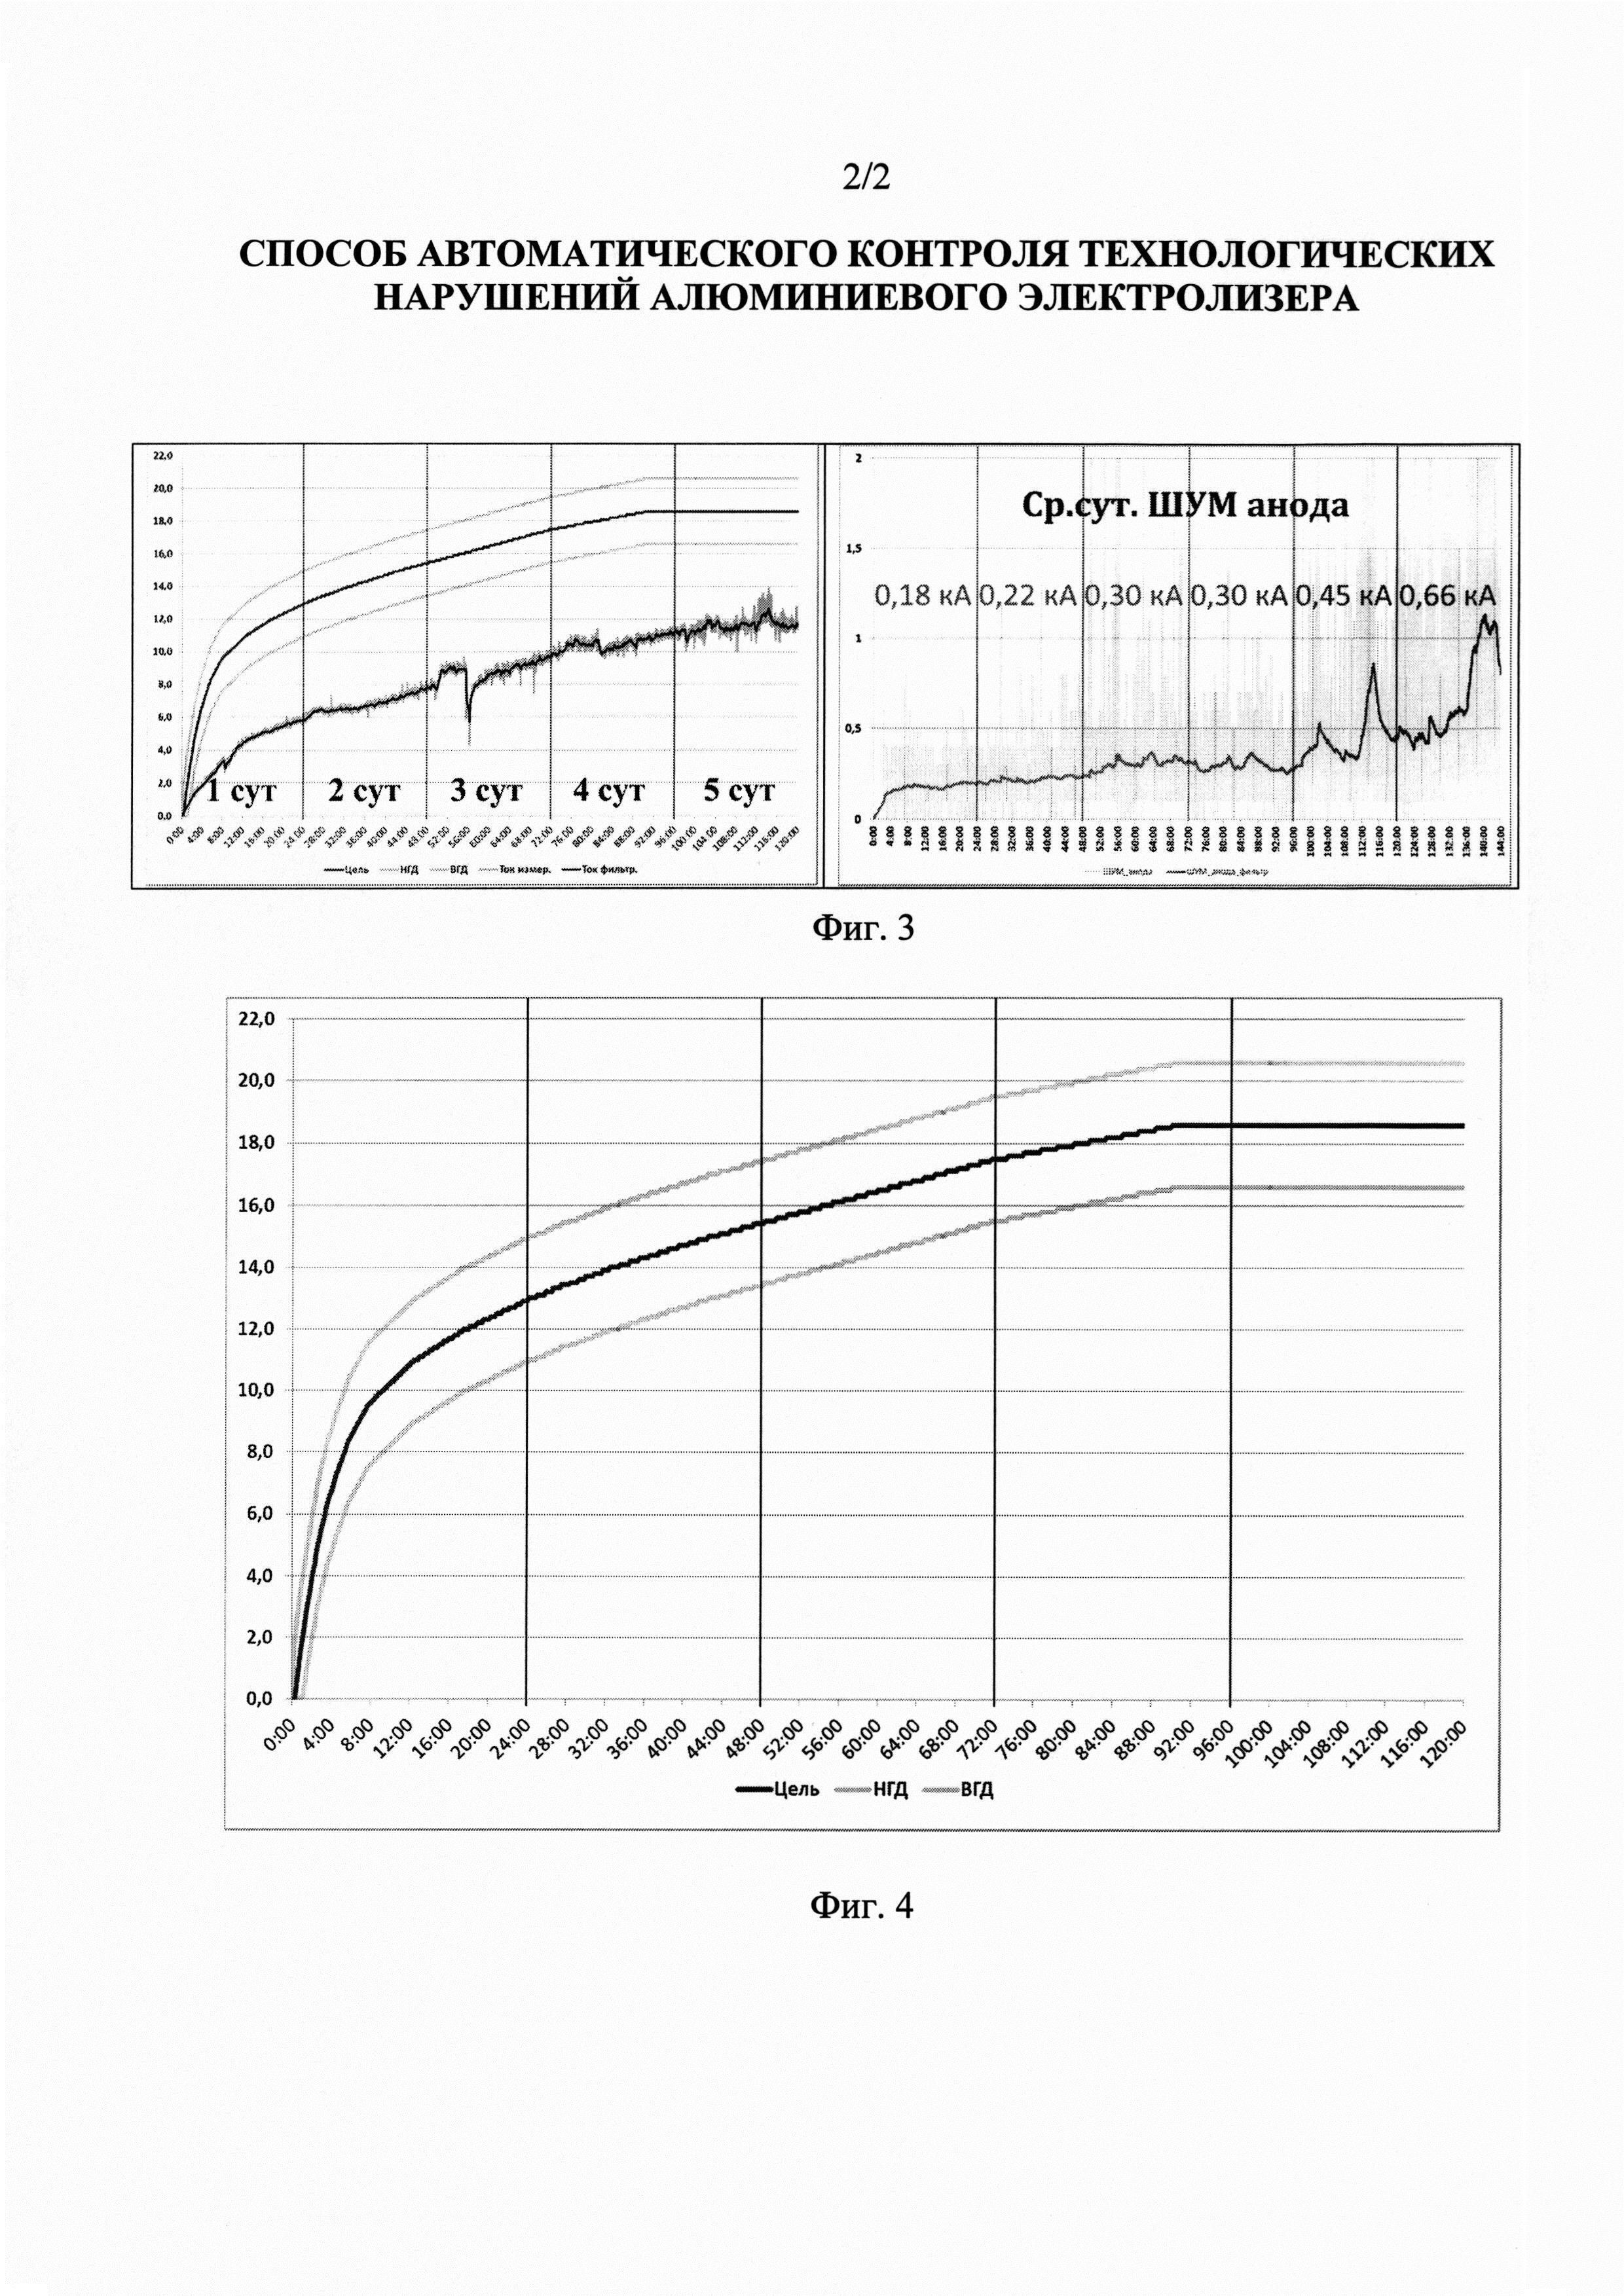 Способ автоматического контроля технологических нарушений алюминиевого электролизера